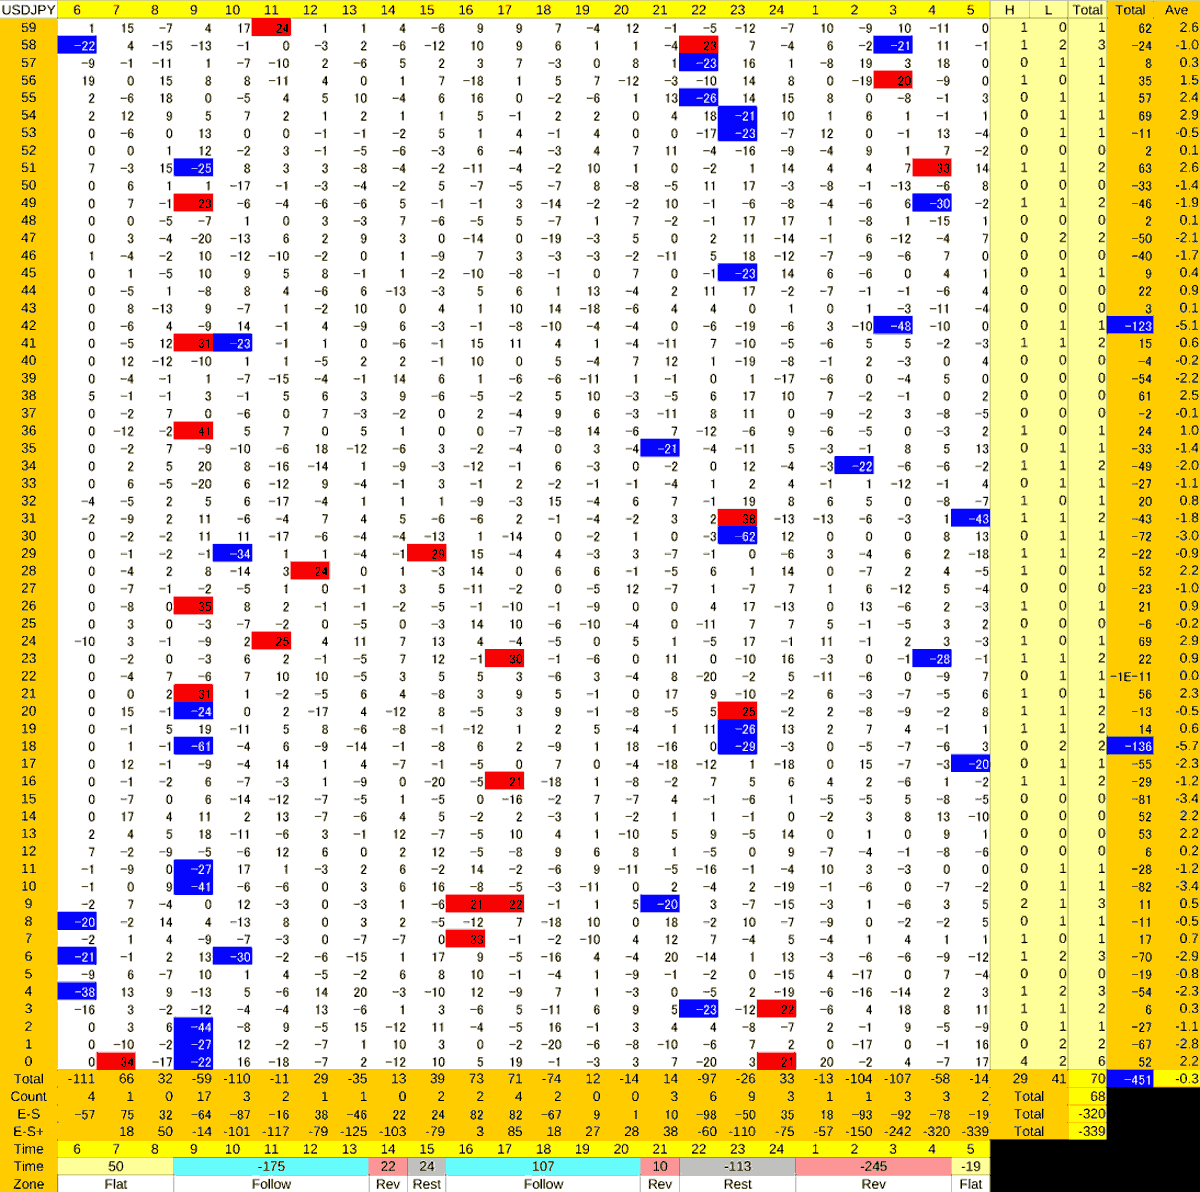 20200617_HS(1)USDJPY